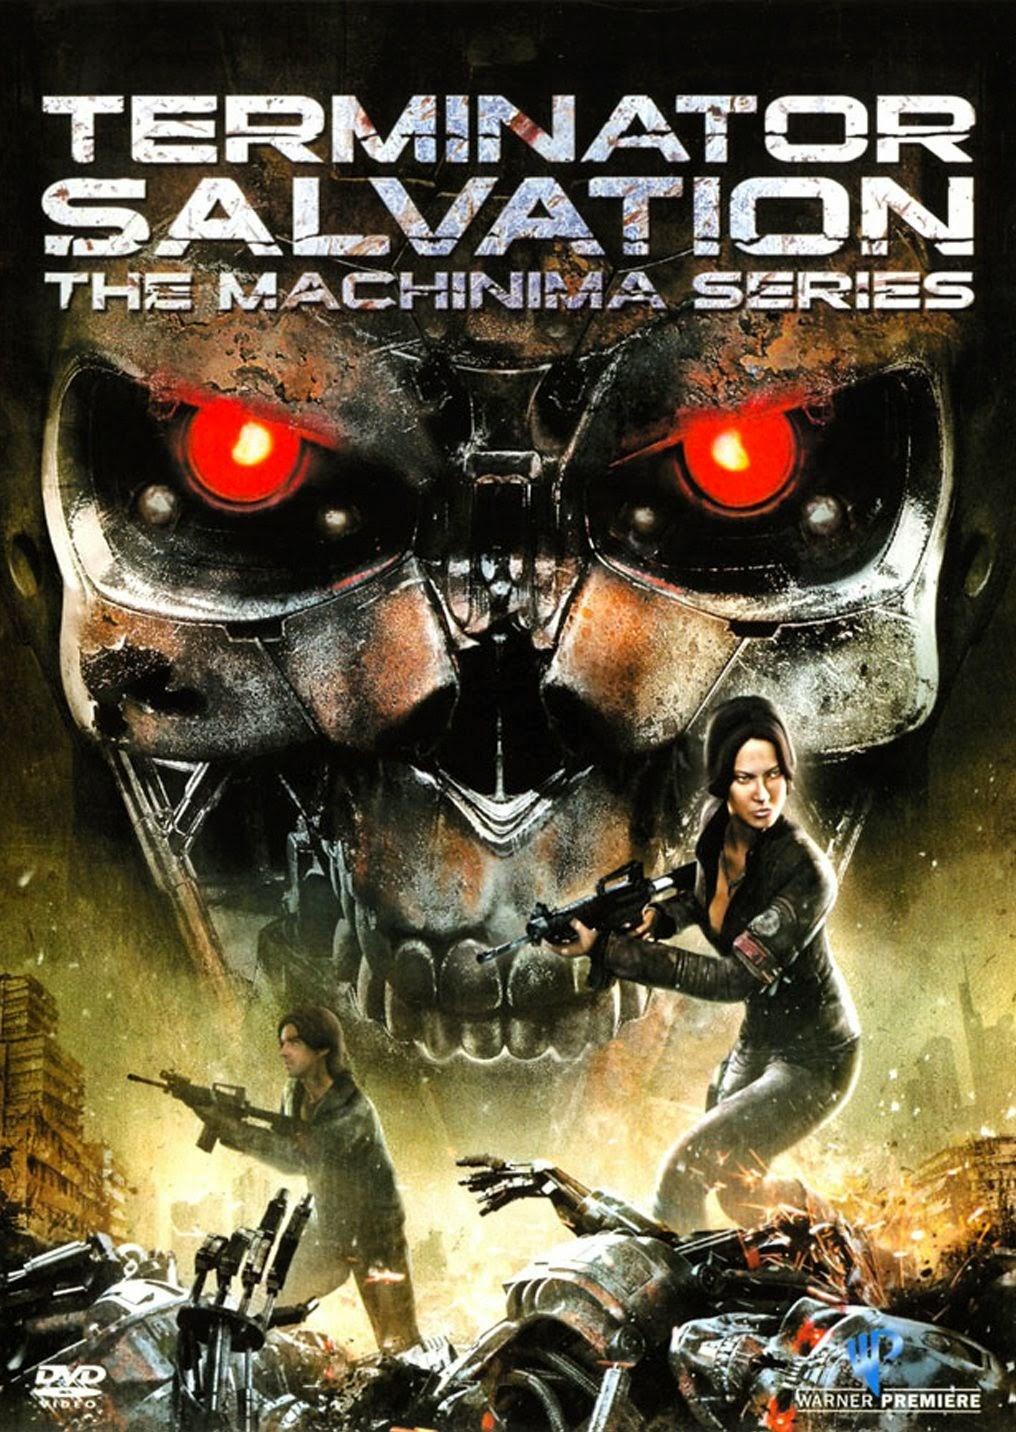 http://superheroesrevelados.blogspot.com.ar/2012/08/terminator-salvation-machinima-series.html